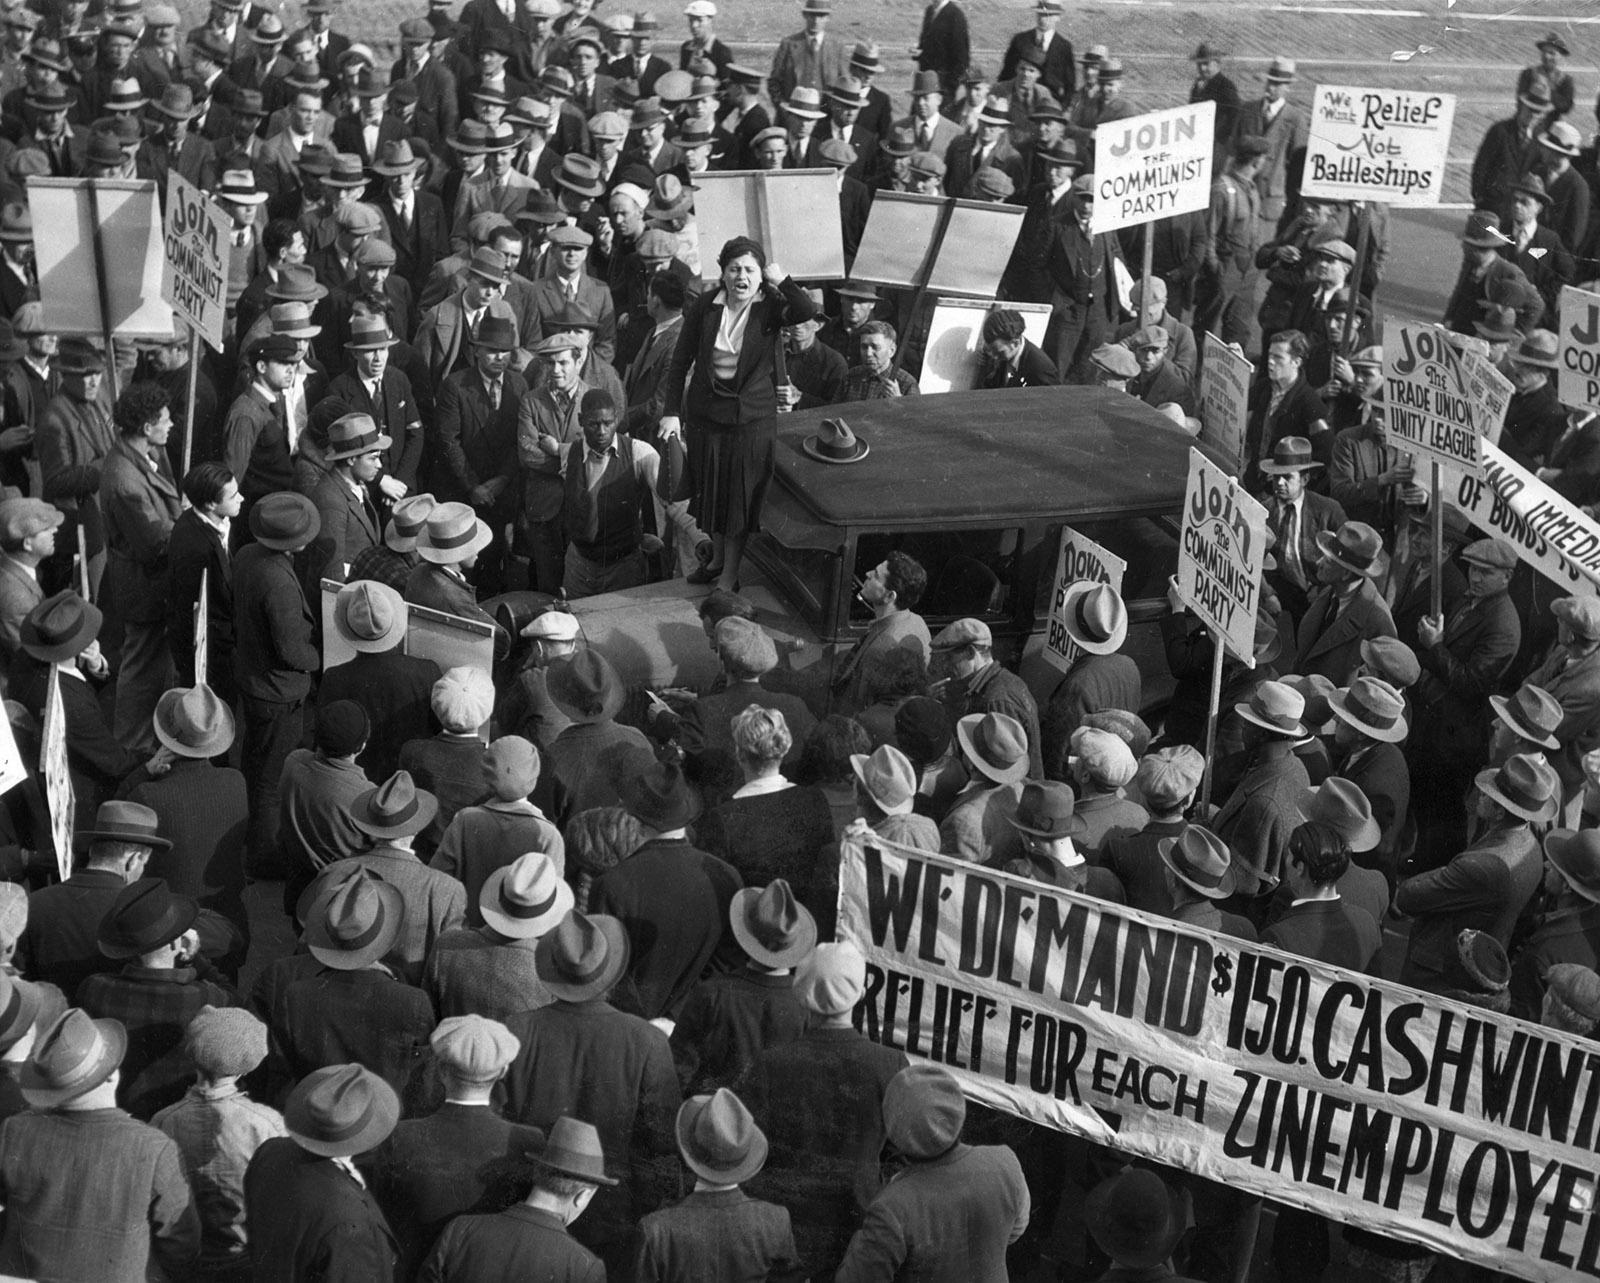 A Communist Party rally, San Francisco, circa 1930